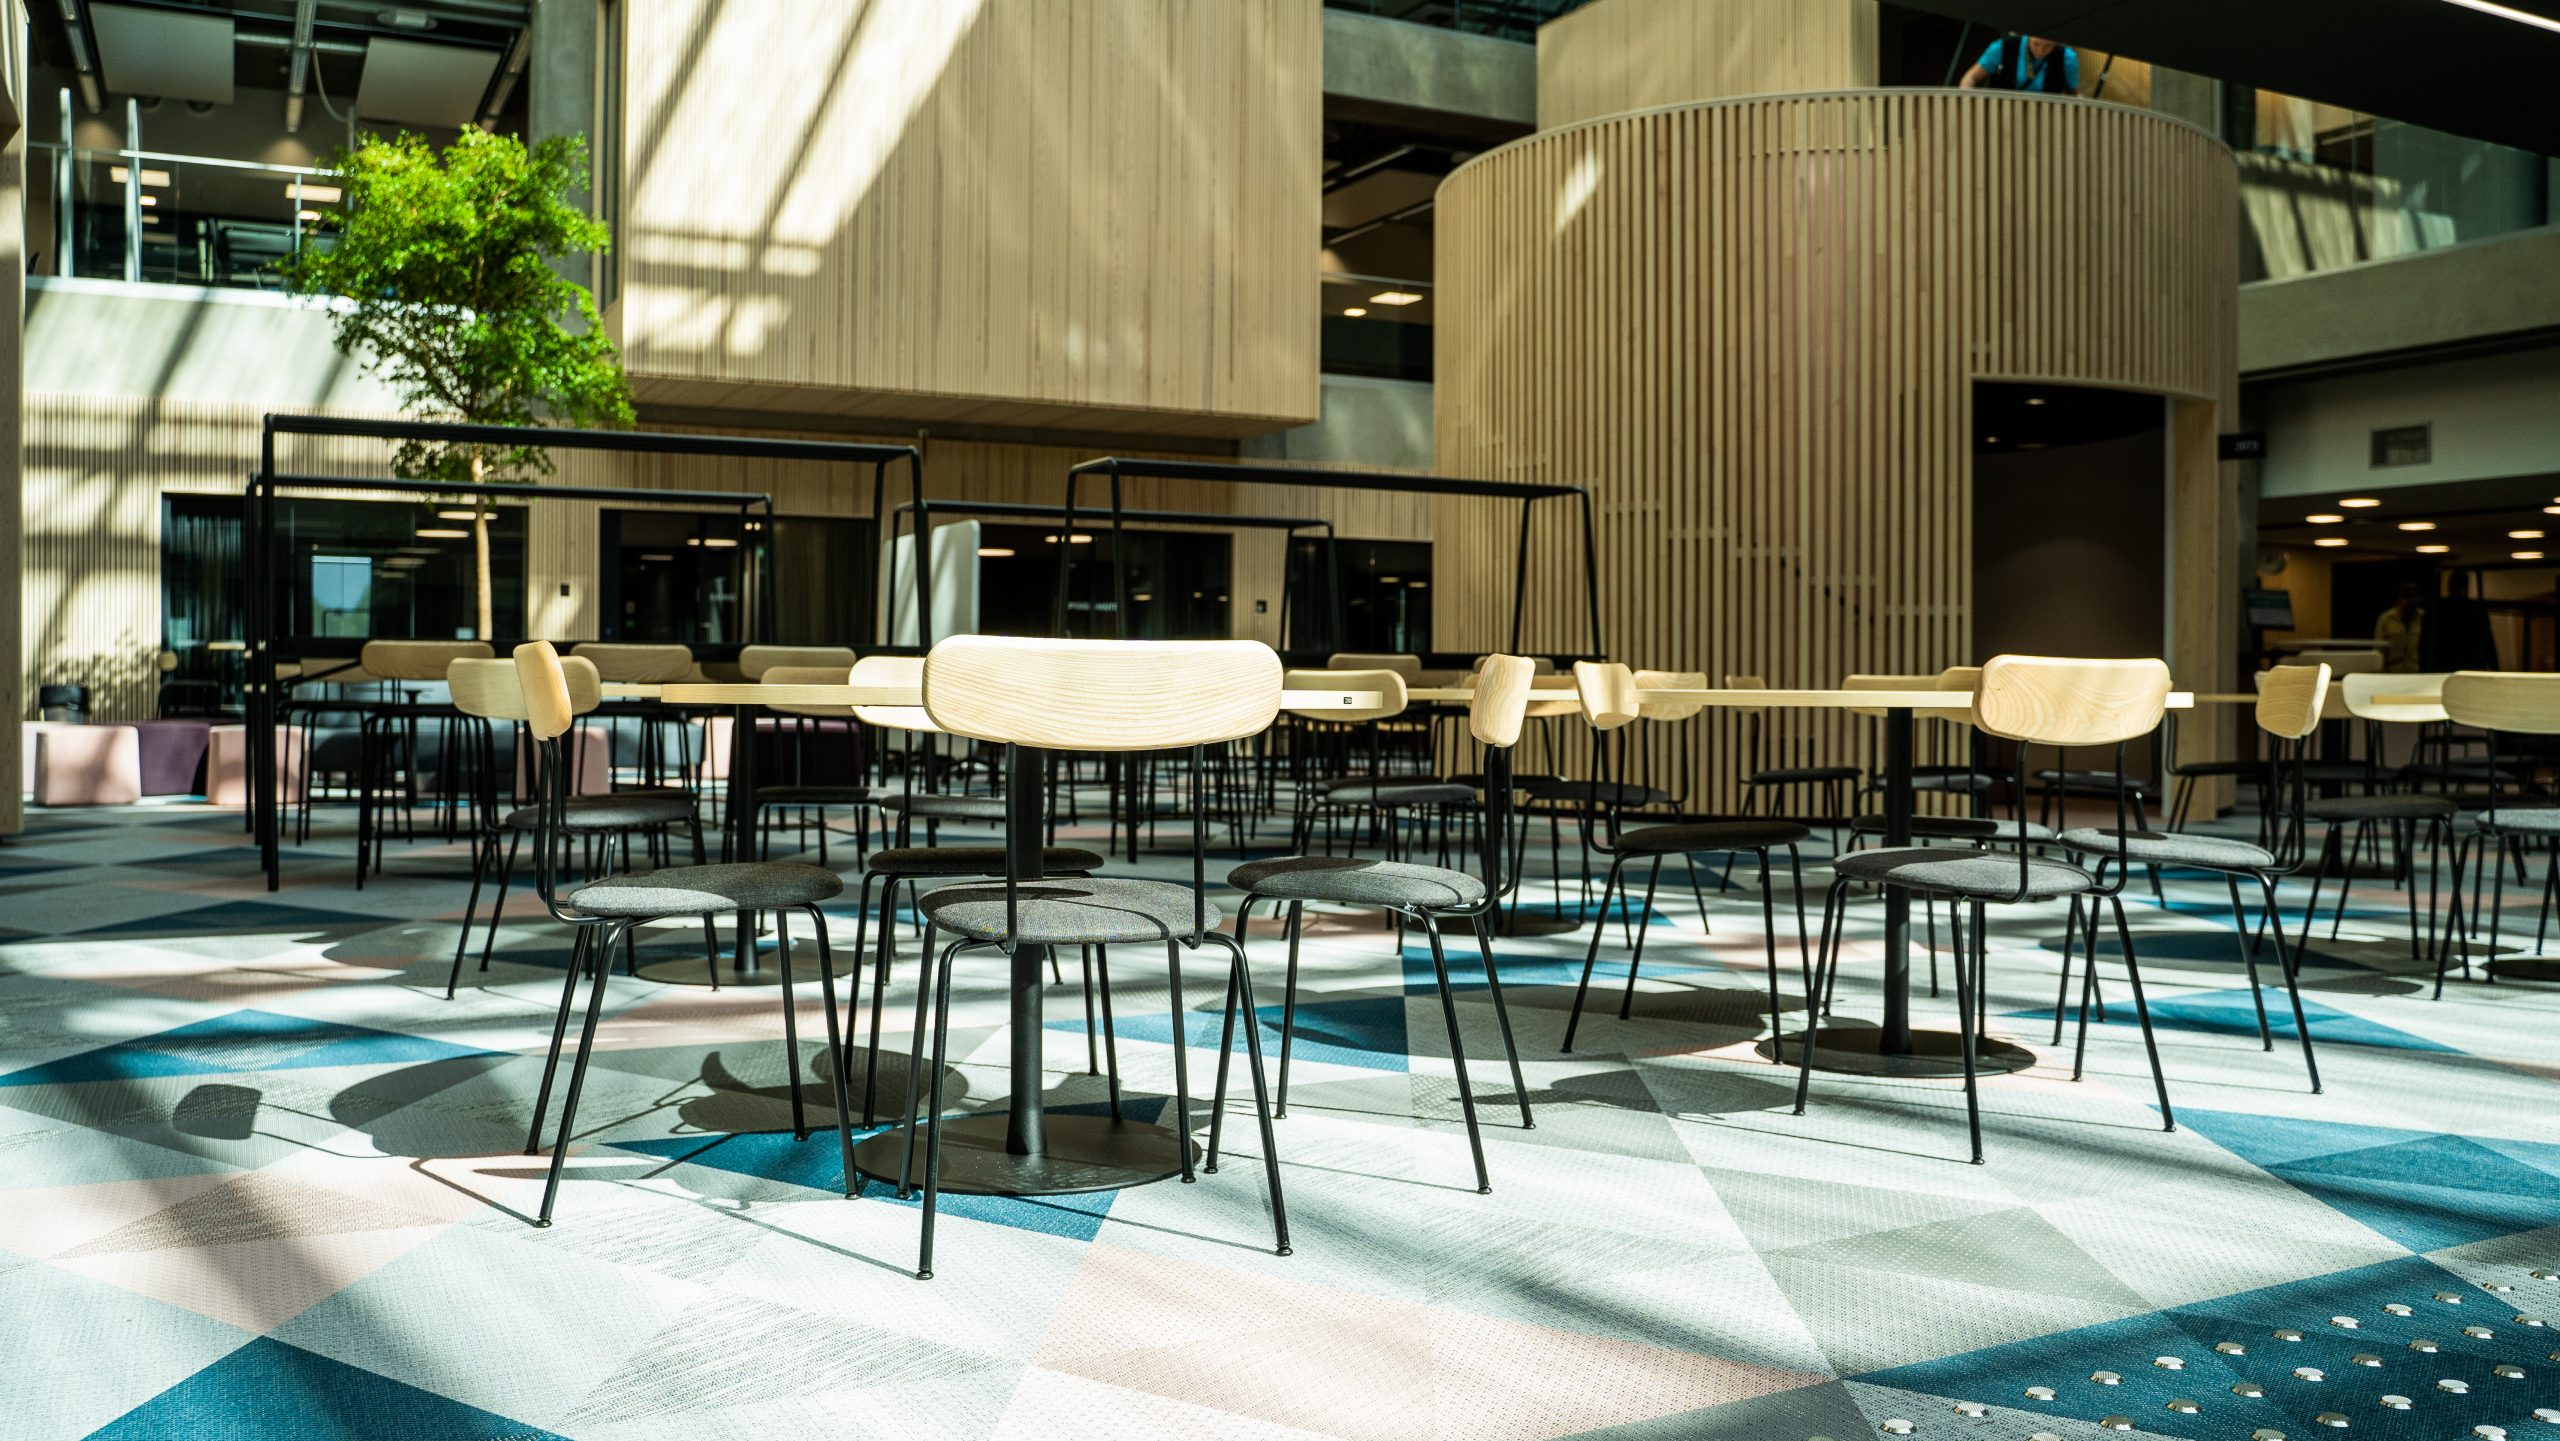 Aurinkokansi EduCityn 2. kerroksessa: pöytiä ja tuoleja, avaraa tilaa